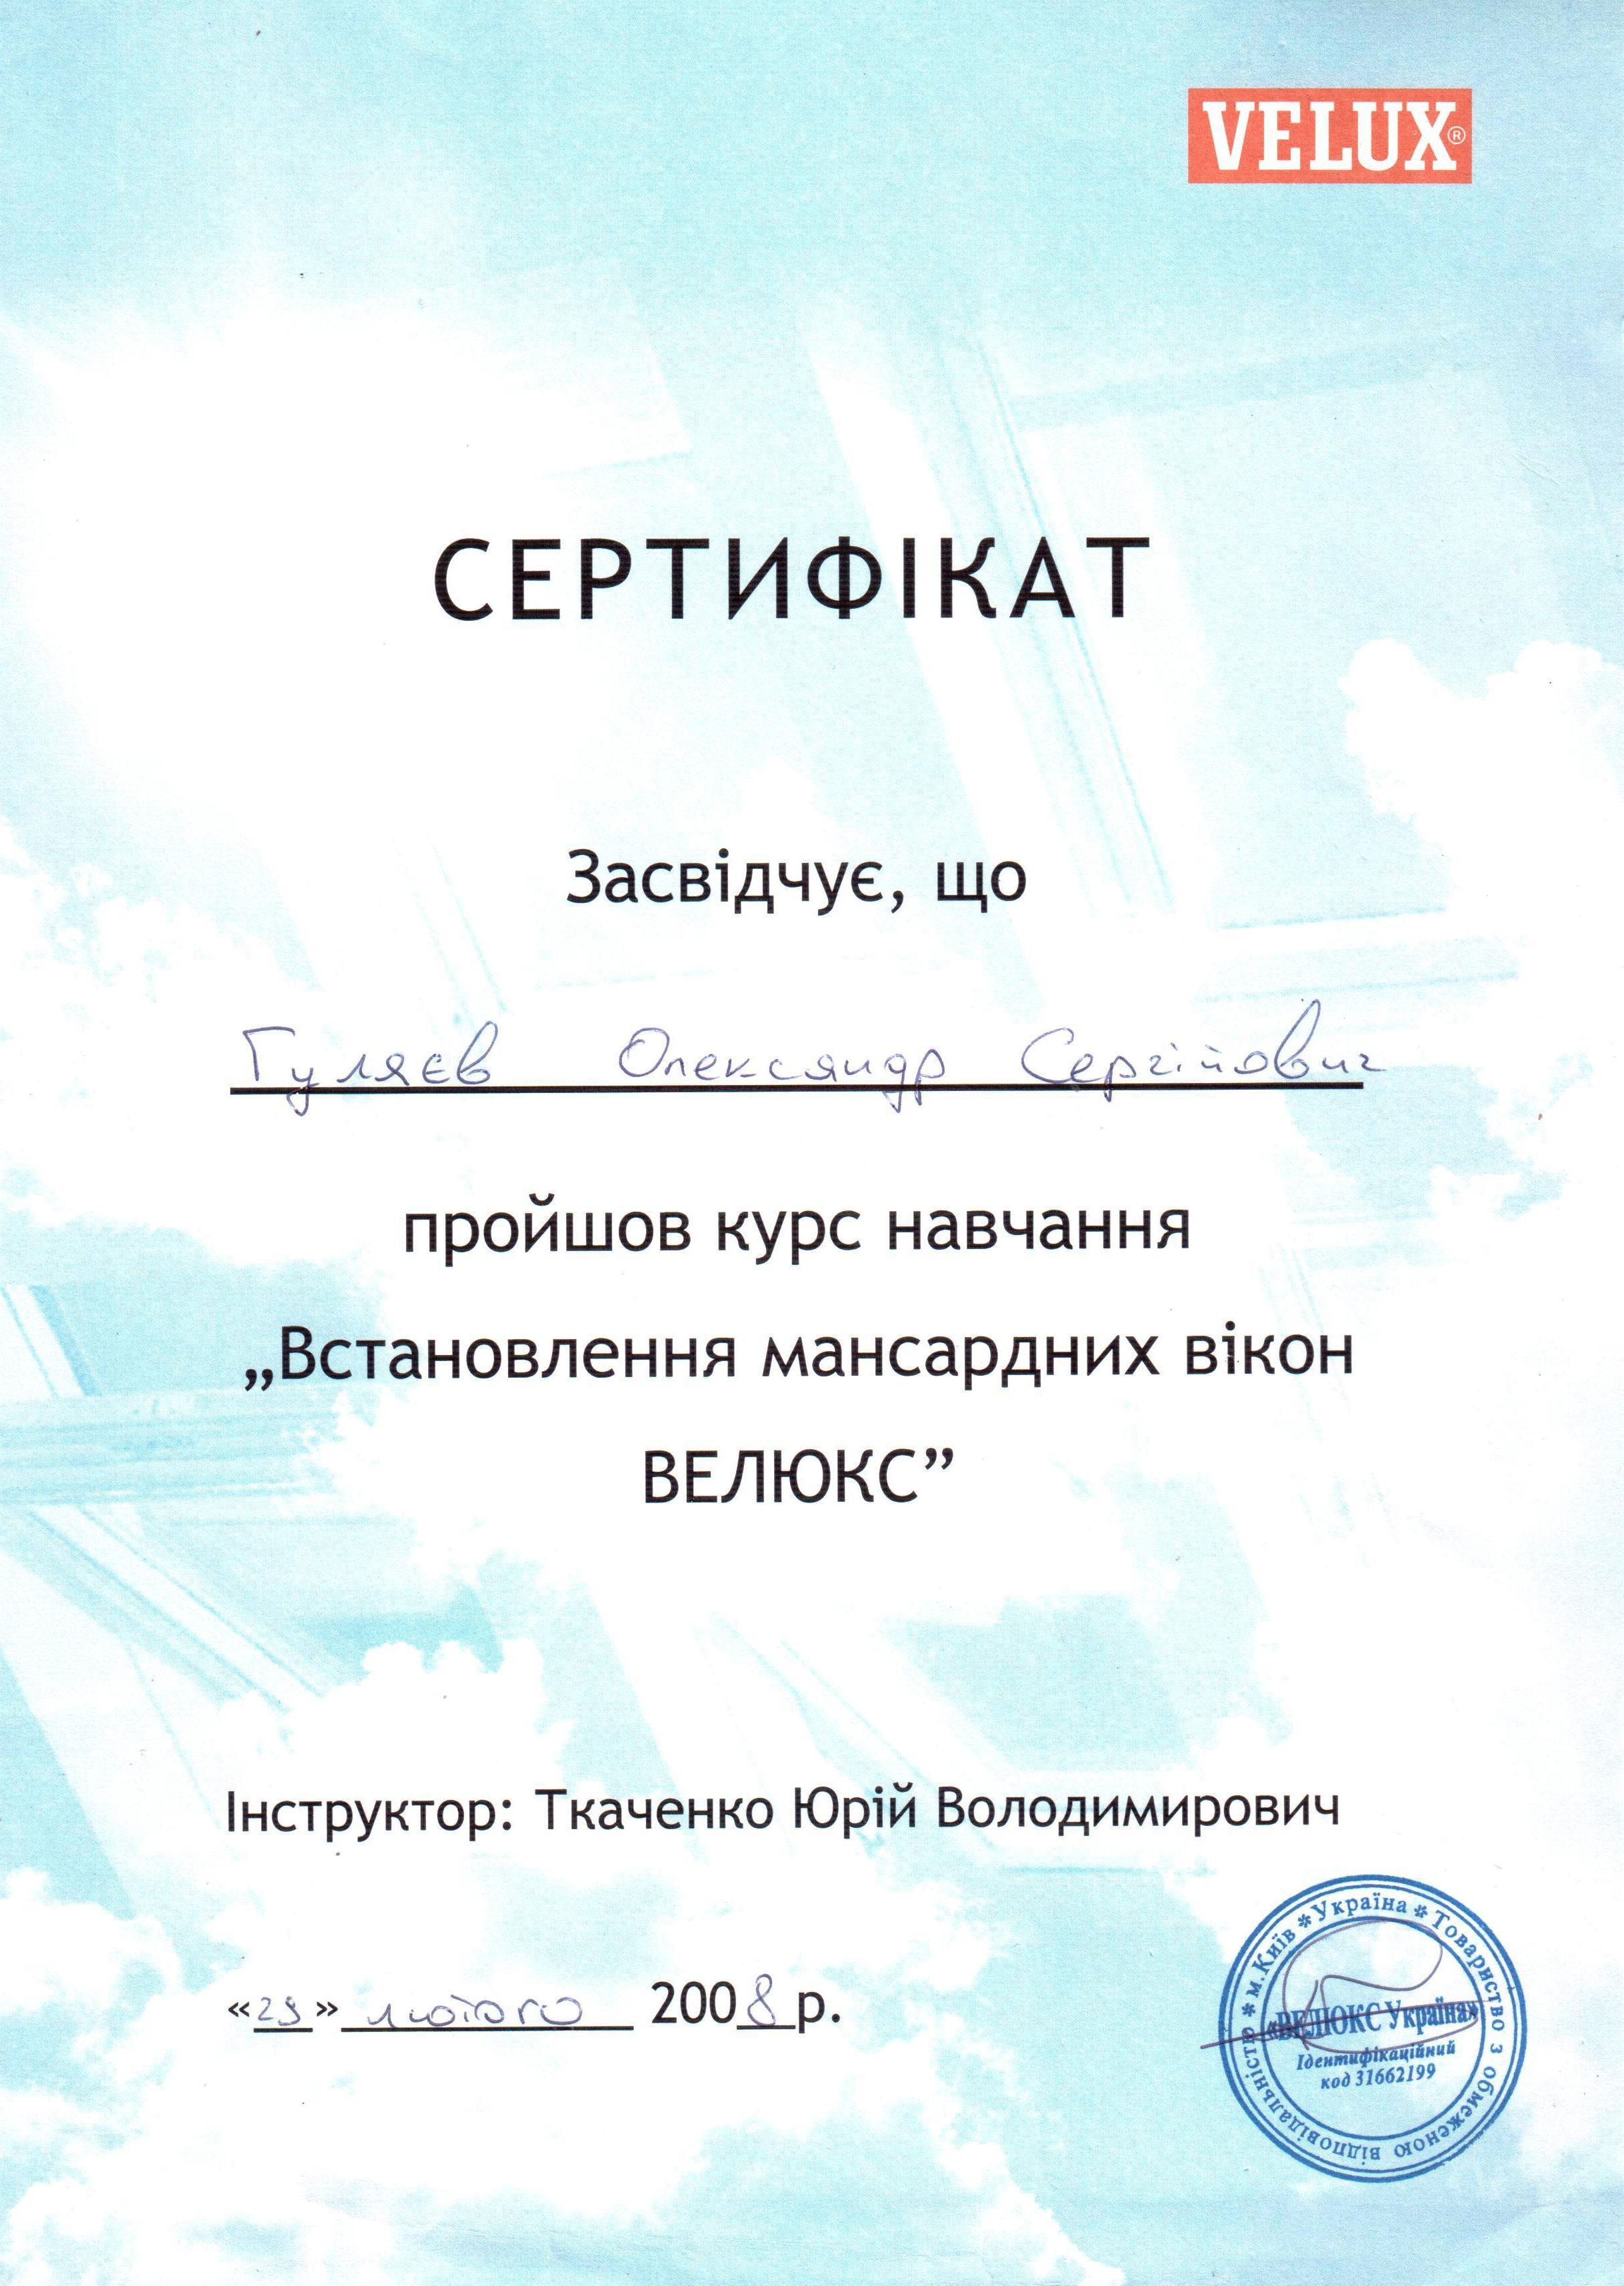 Монтаж кровли в Николаеве - документы